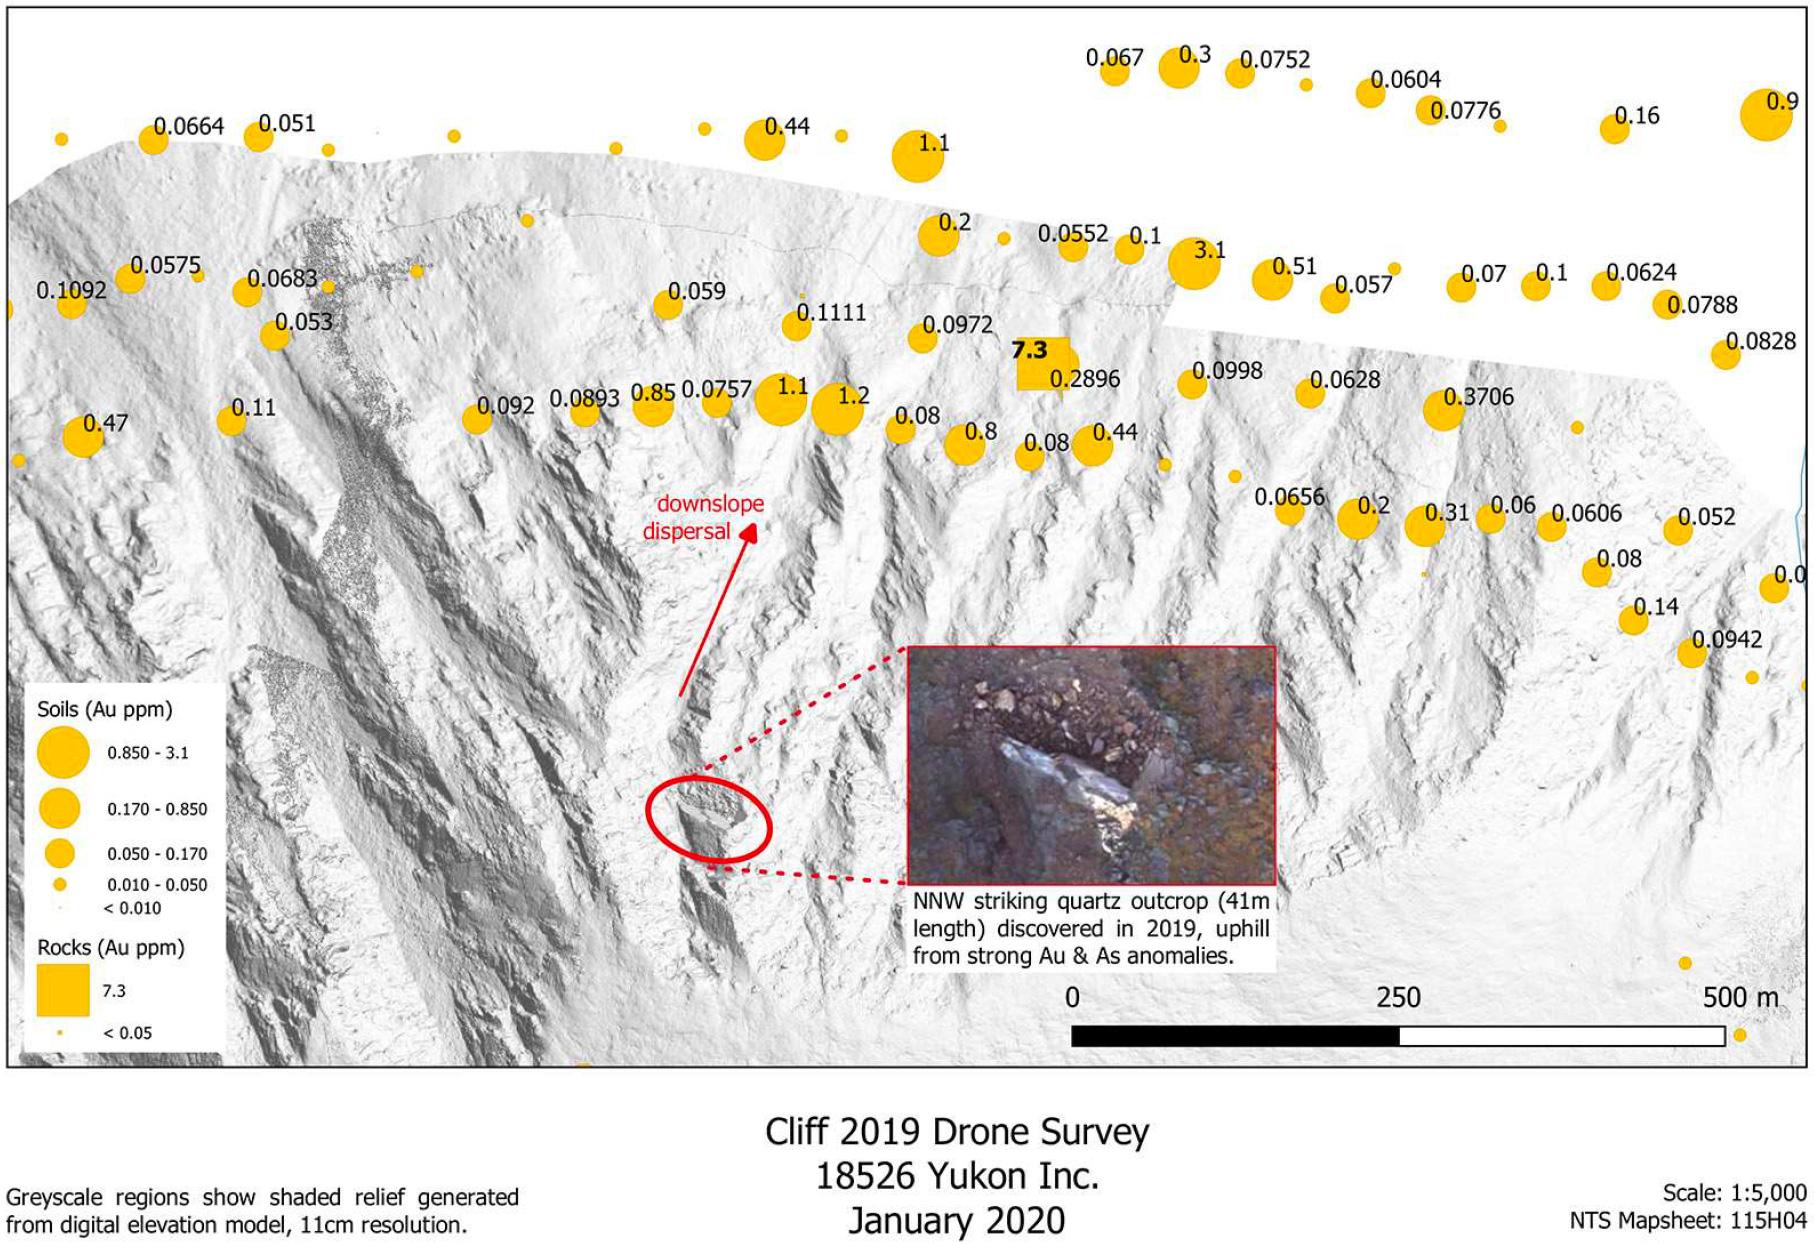 cliff drone survey